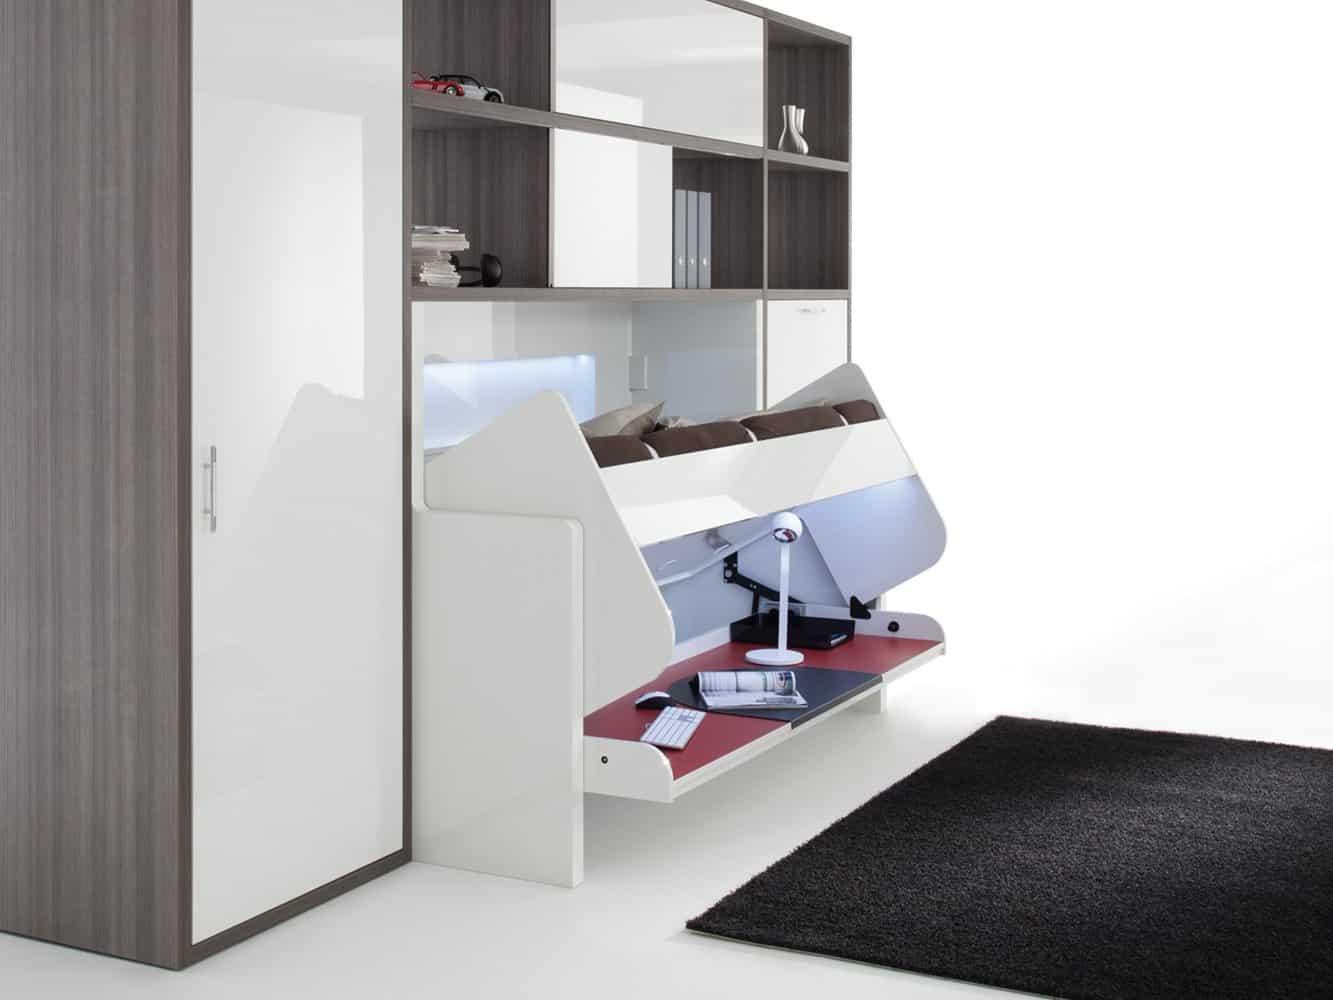 Phụ kiện Tavoletto của Häfele cho phép người dùng chuyển đổi giường thành bàn làm việc khi cần.